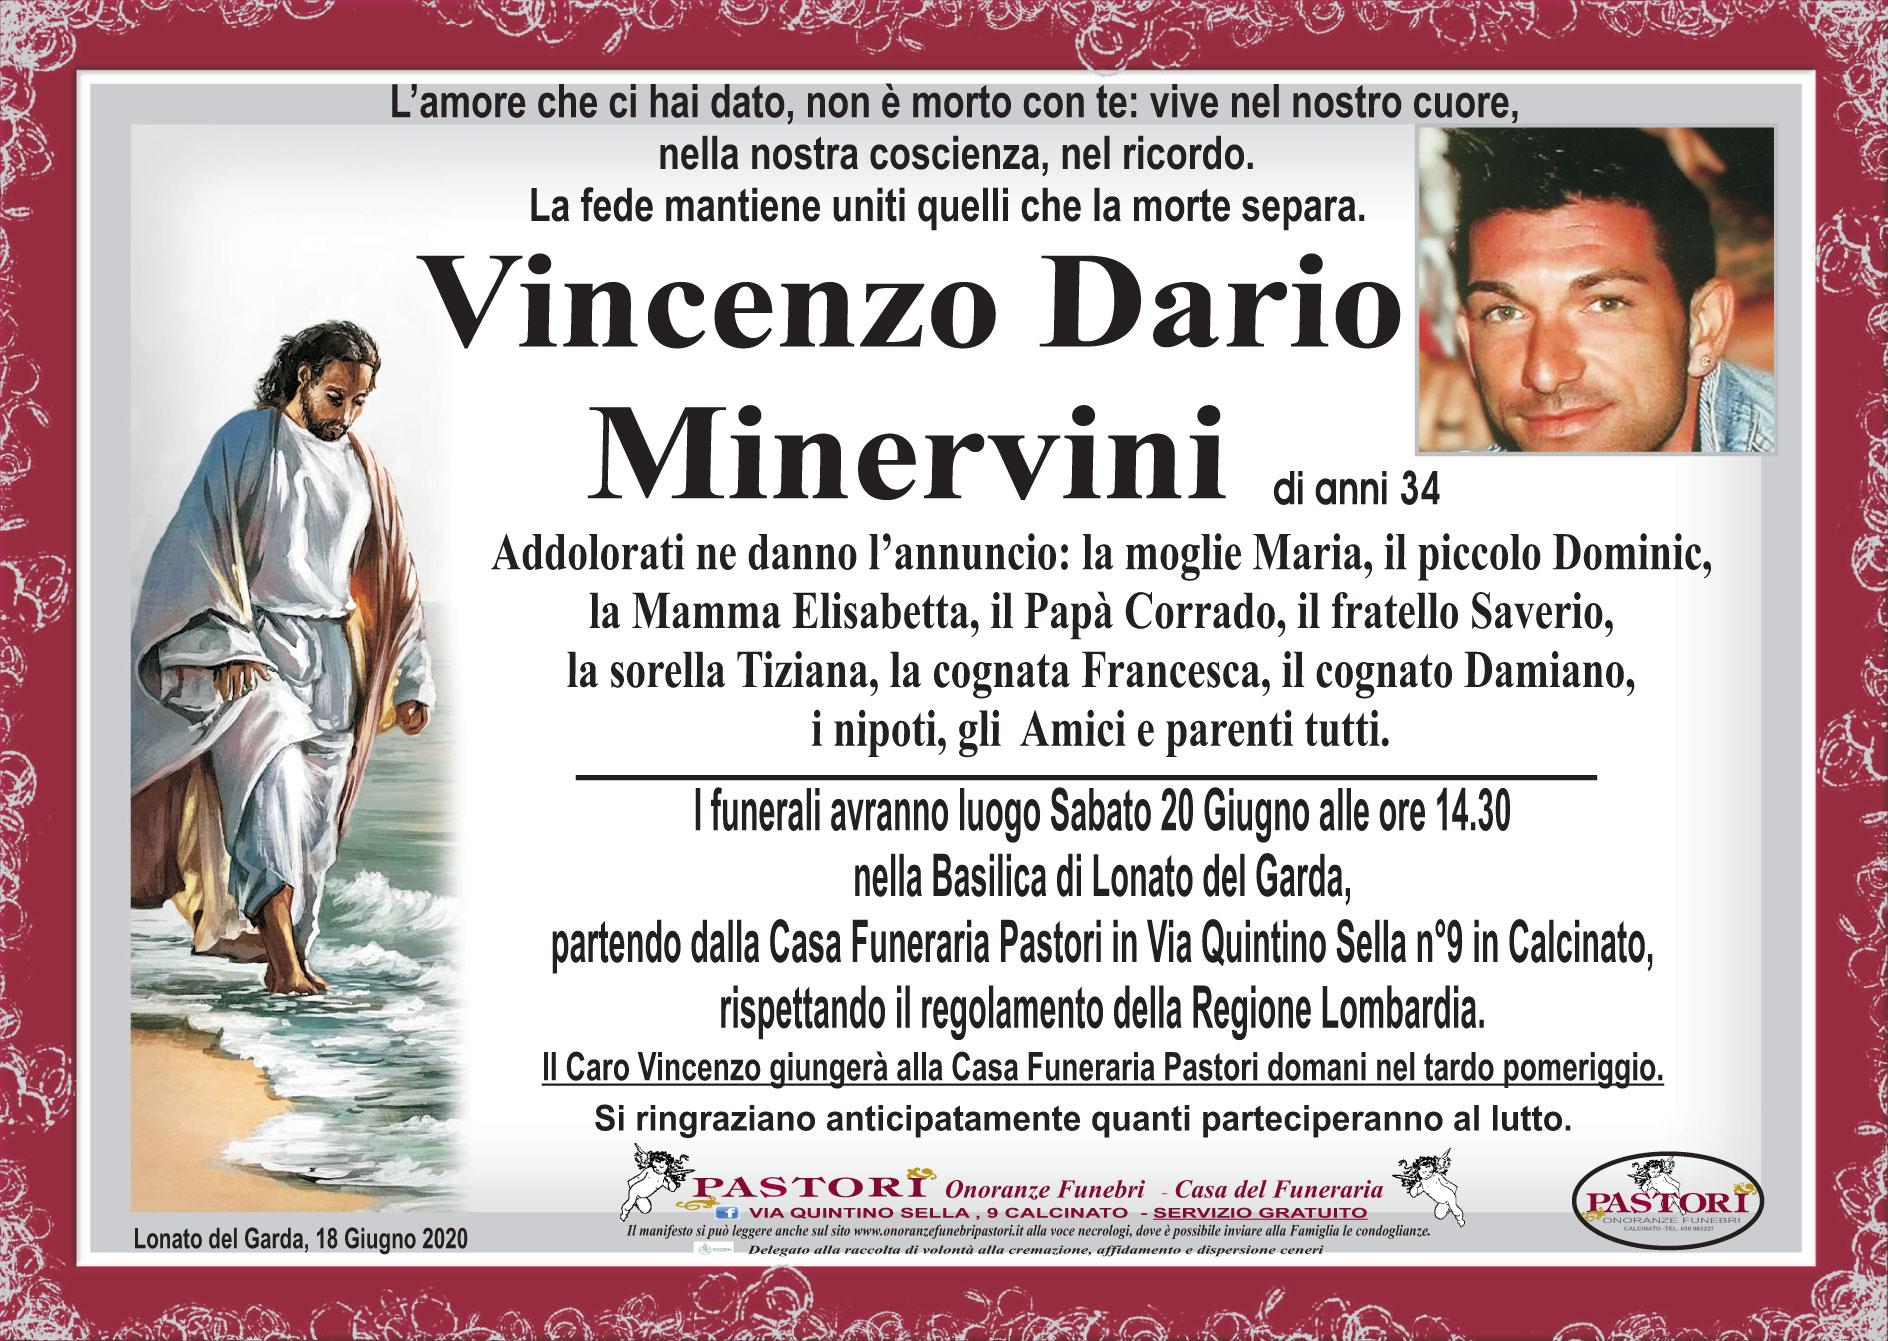 Vincenzo Dario Minervini